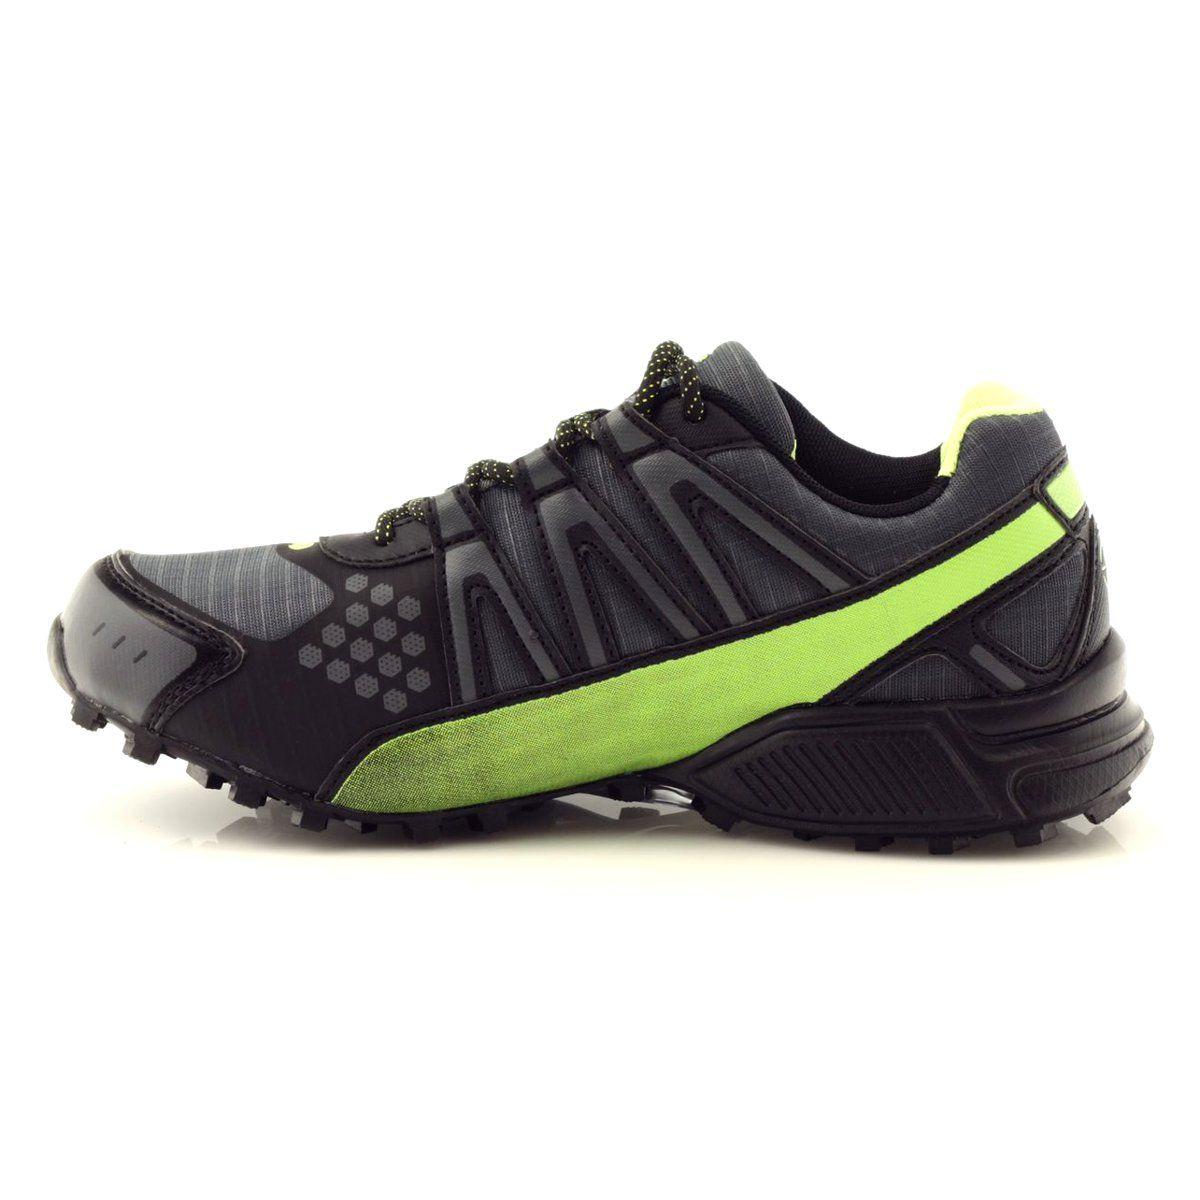 Adi Sportowe Meskie Mcarthur 08 Gr Szare Czarne Zielone Shoes Sneakers Adidas Sneakers